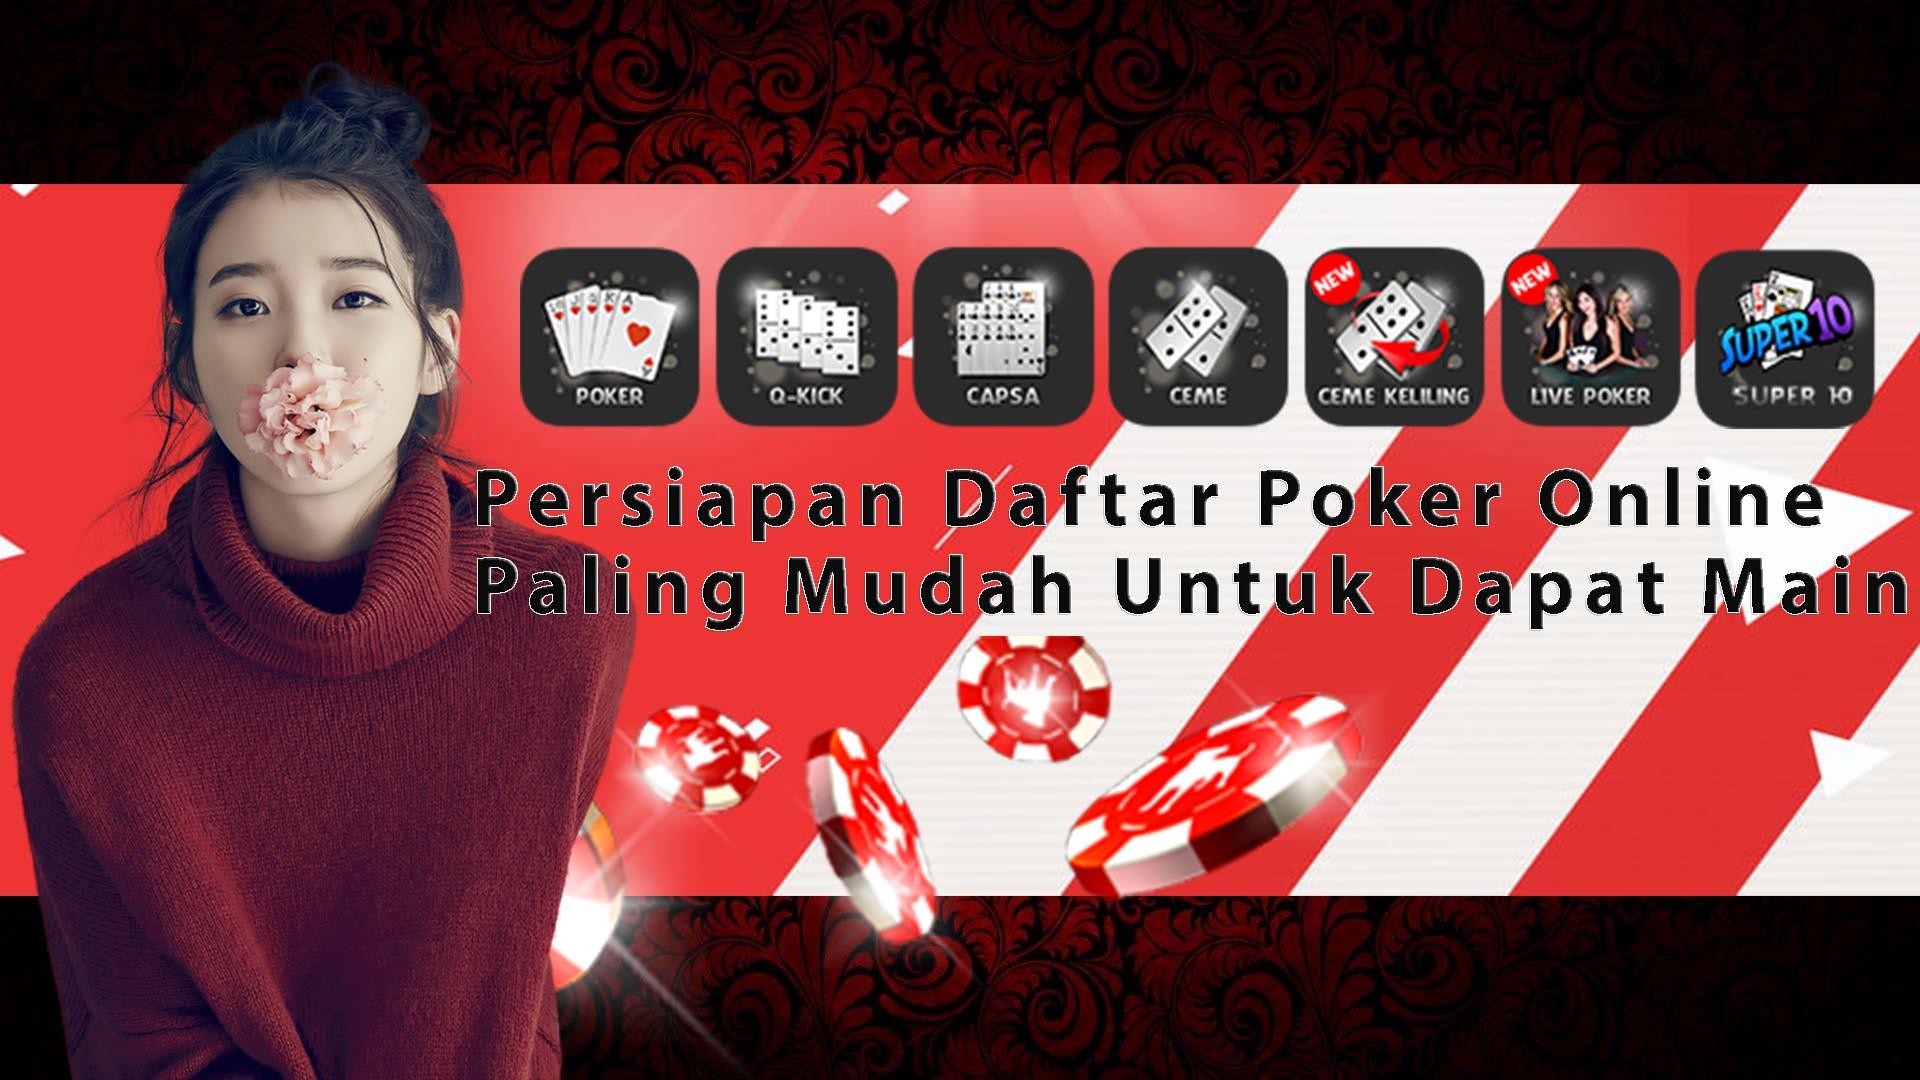 Persiapan Daftar Poker Online Paling Mudah Untuk Dapat Main